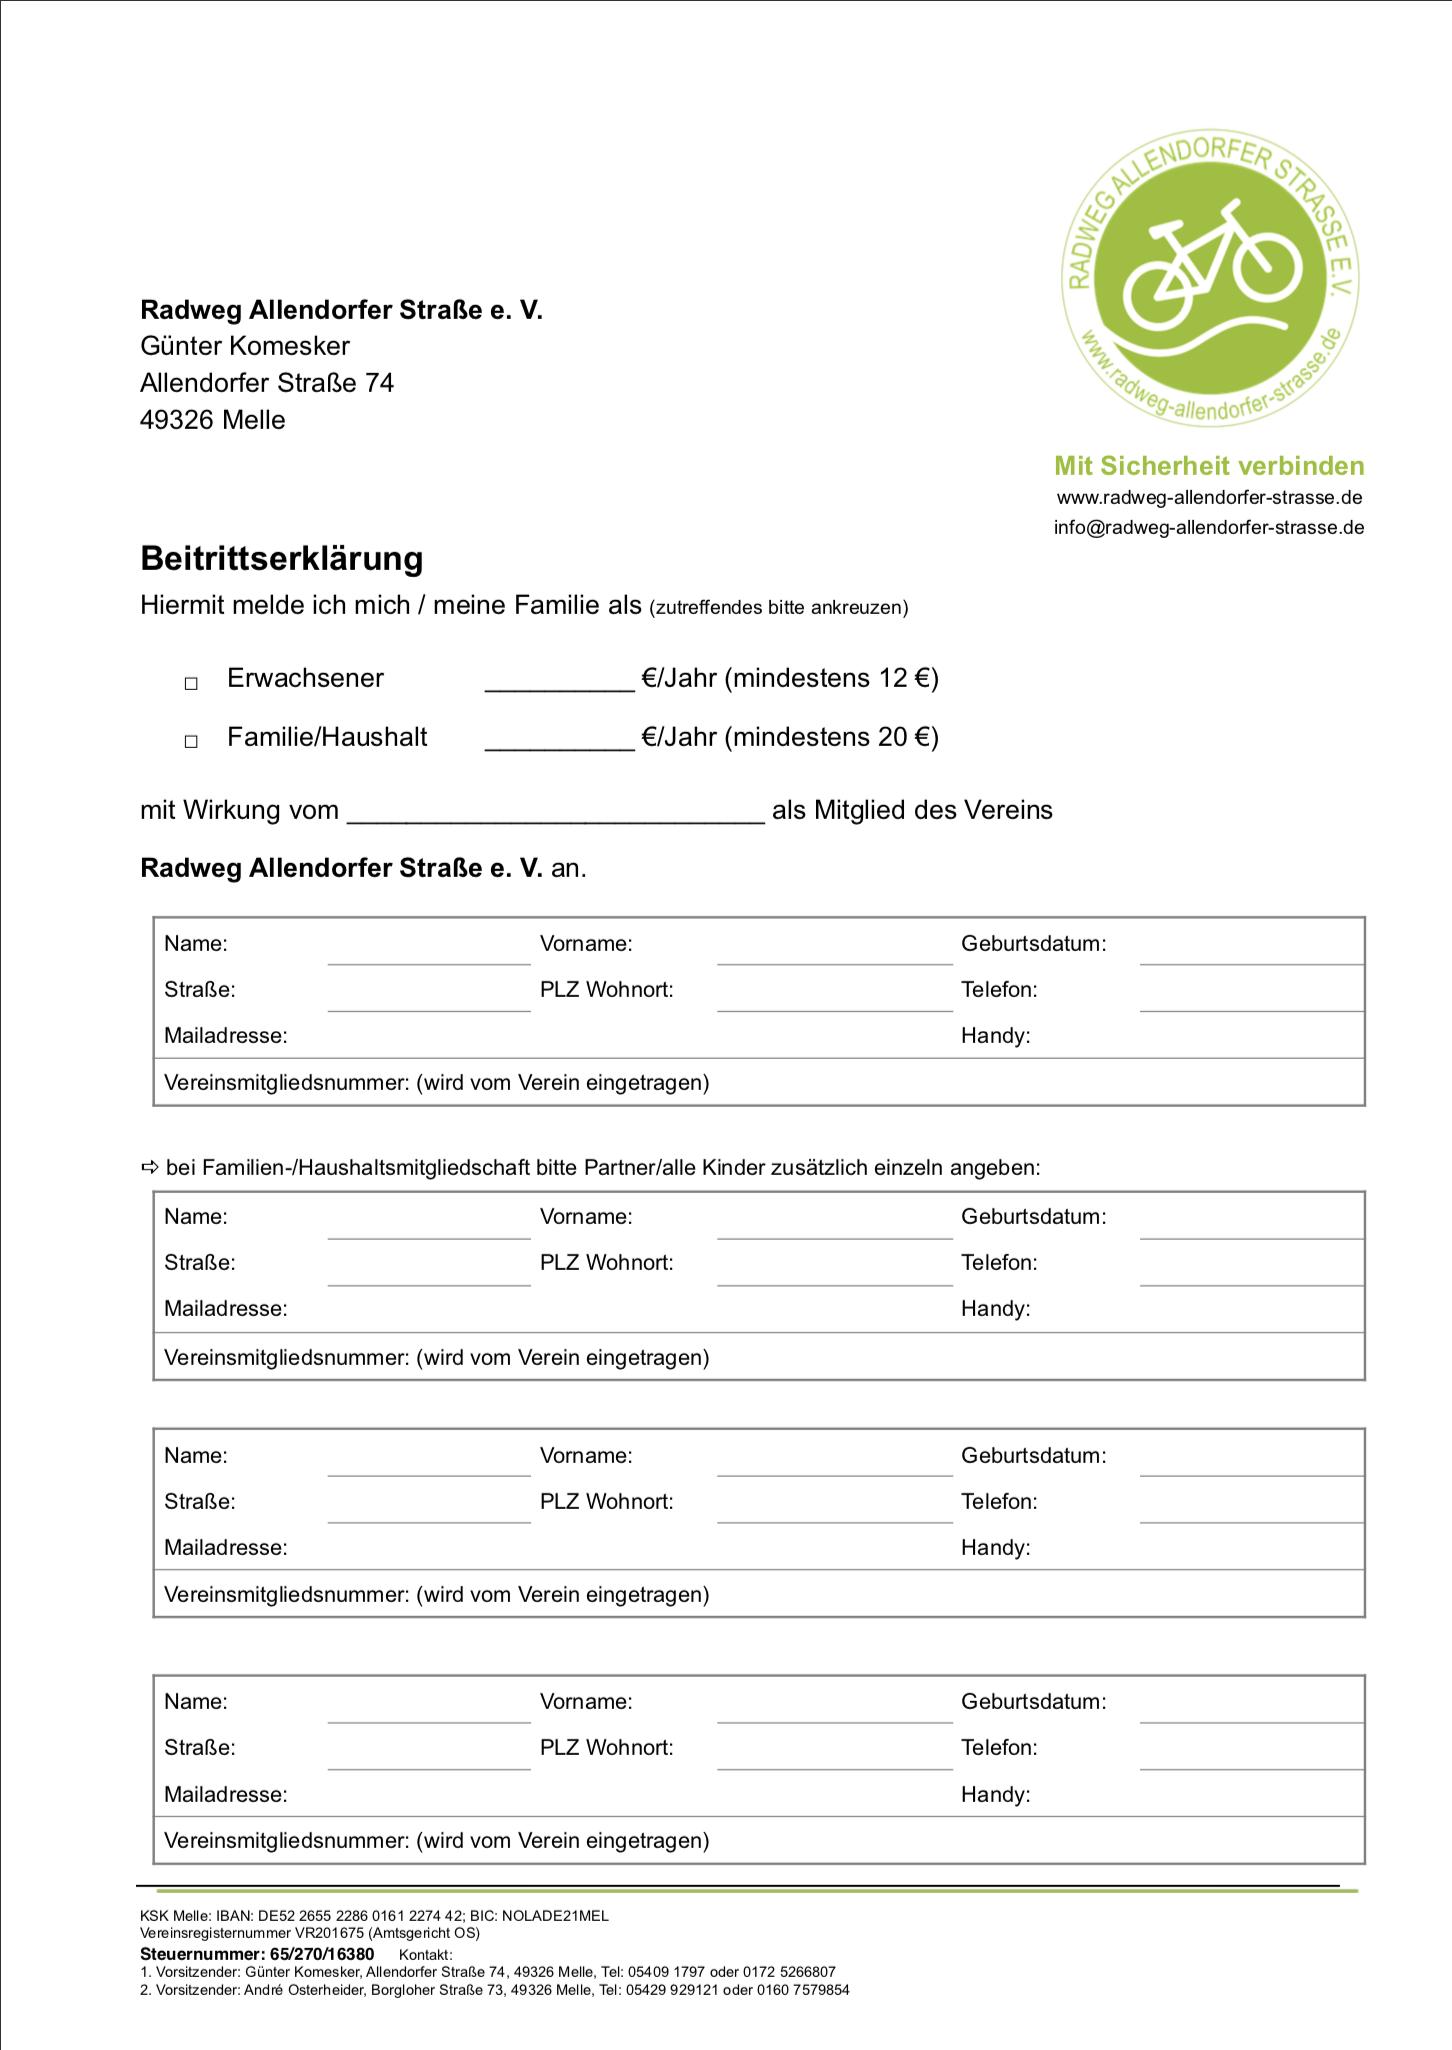 Unterschriftenliste Radweg Allendorfer Strasse